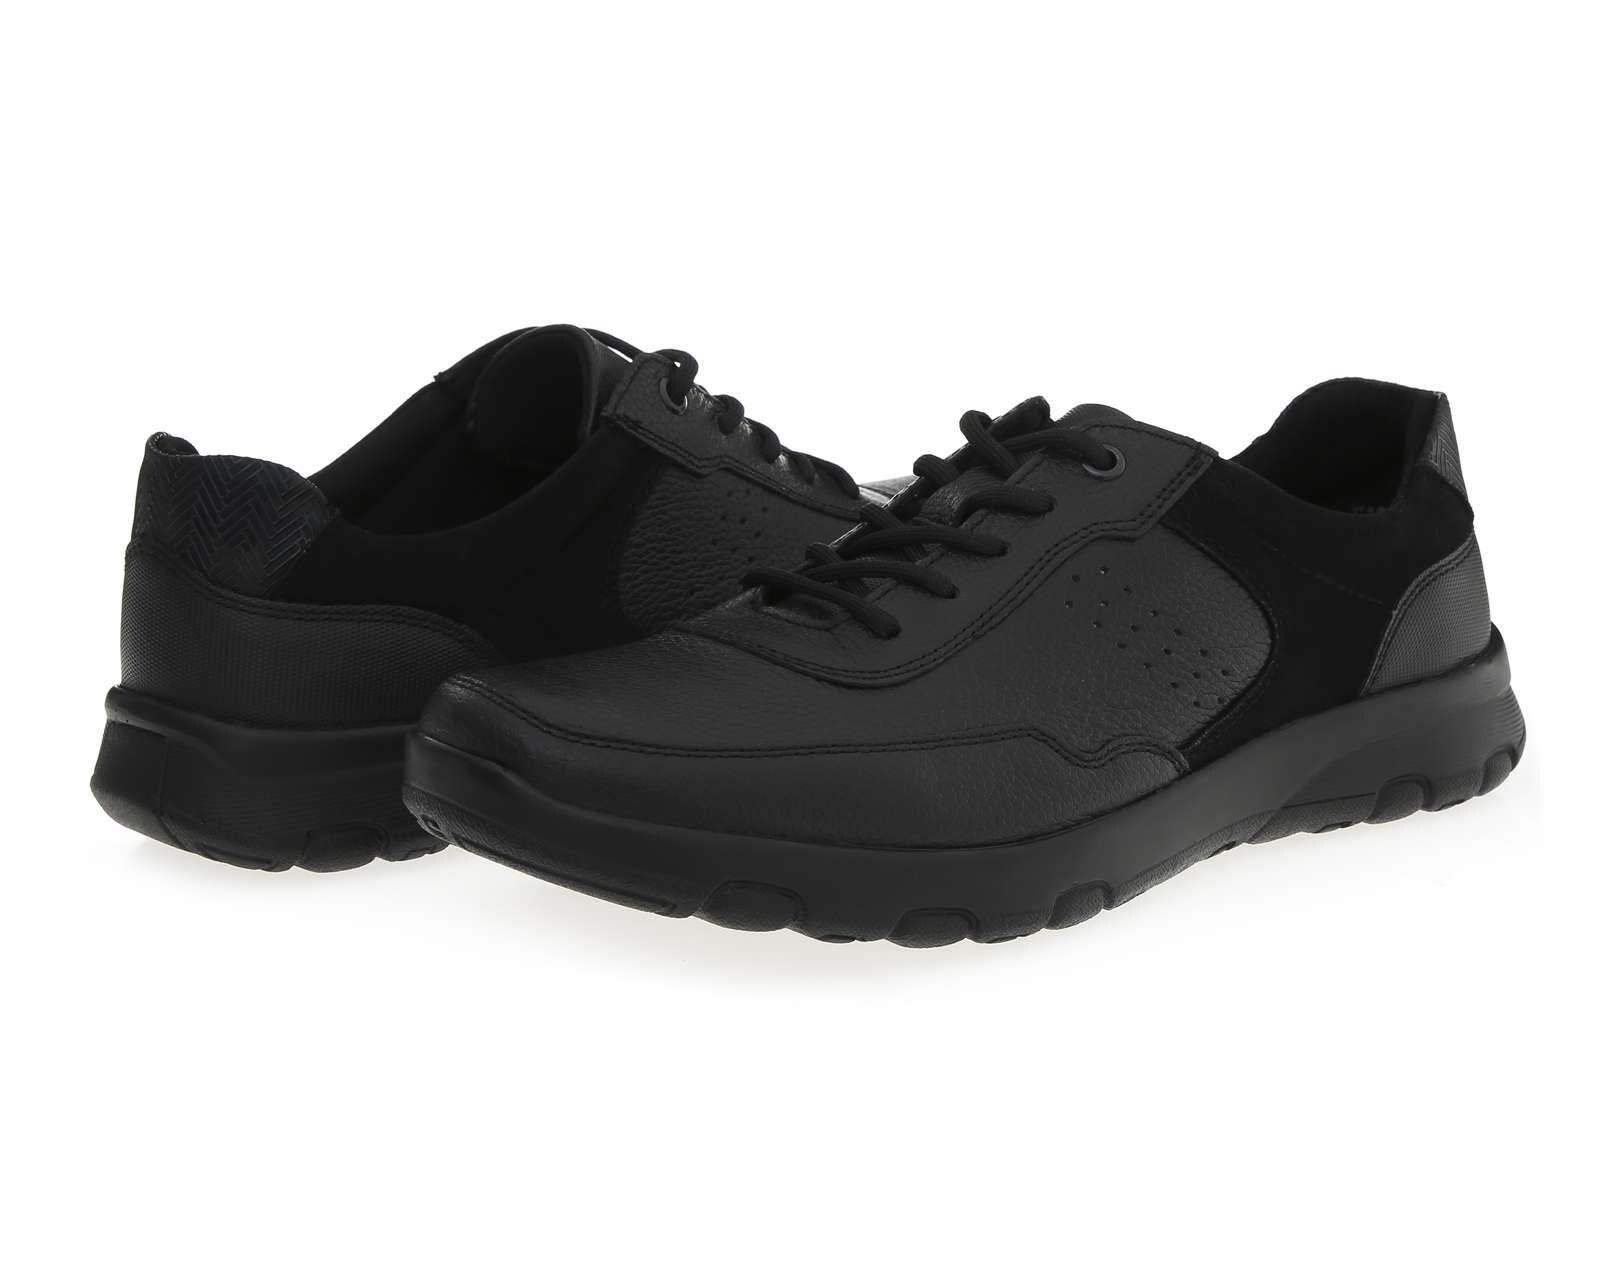 Zapatos Confort Porto Sur de Piel para Hombre